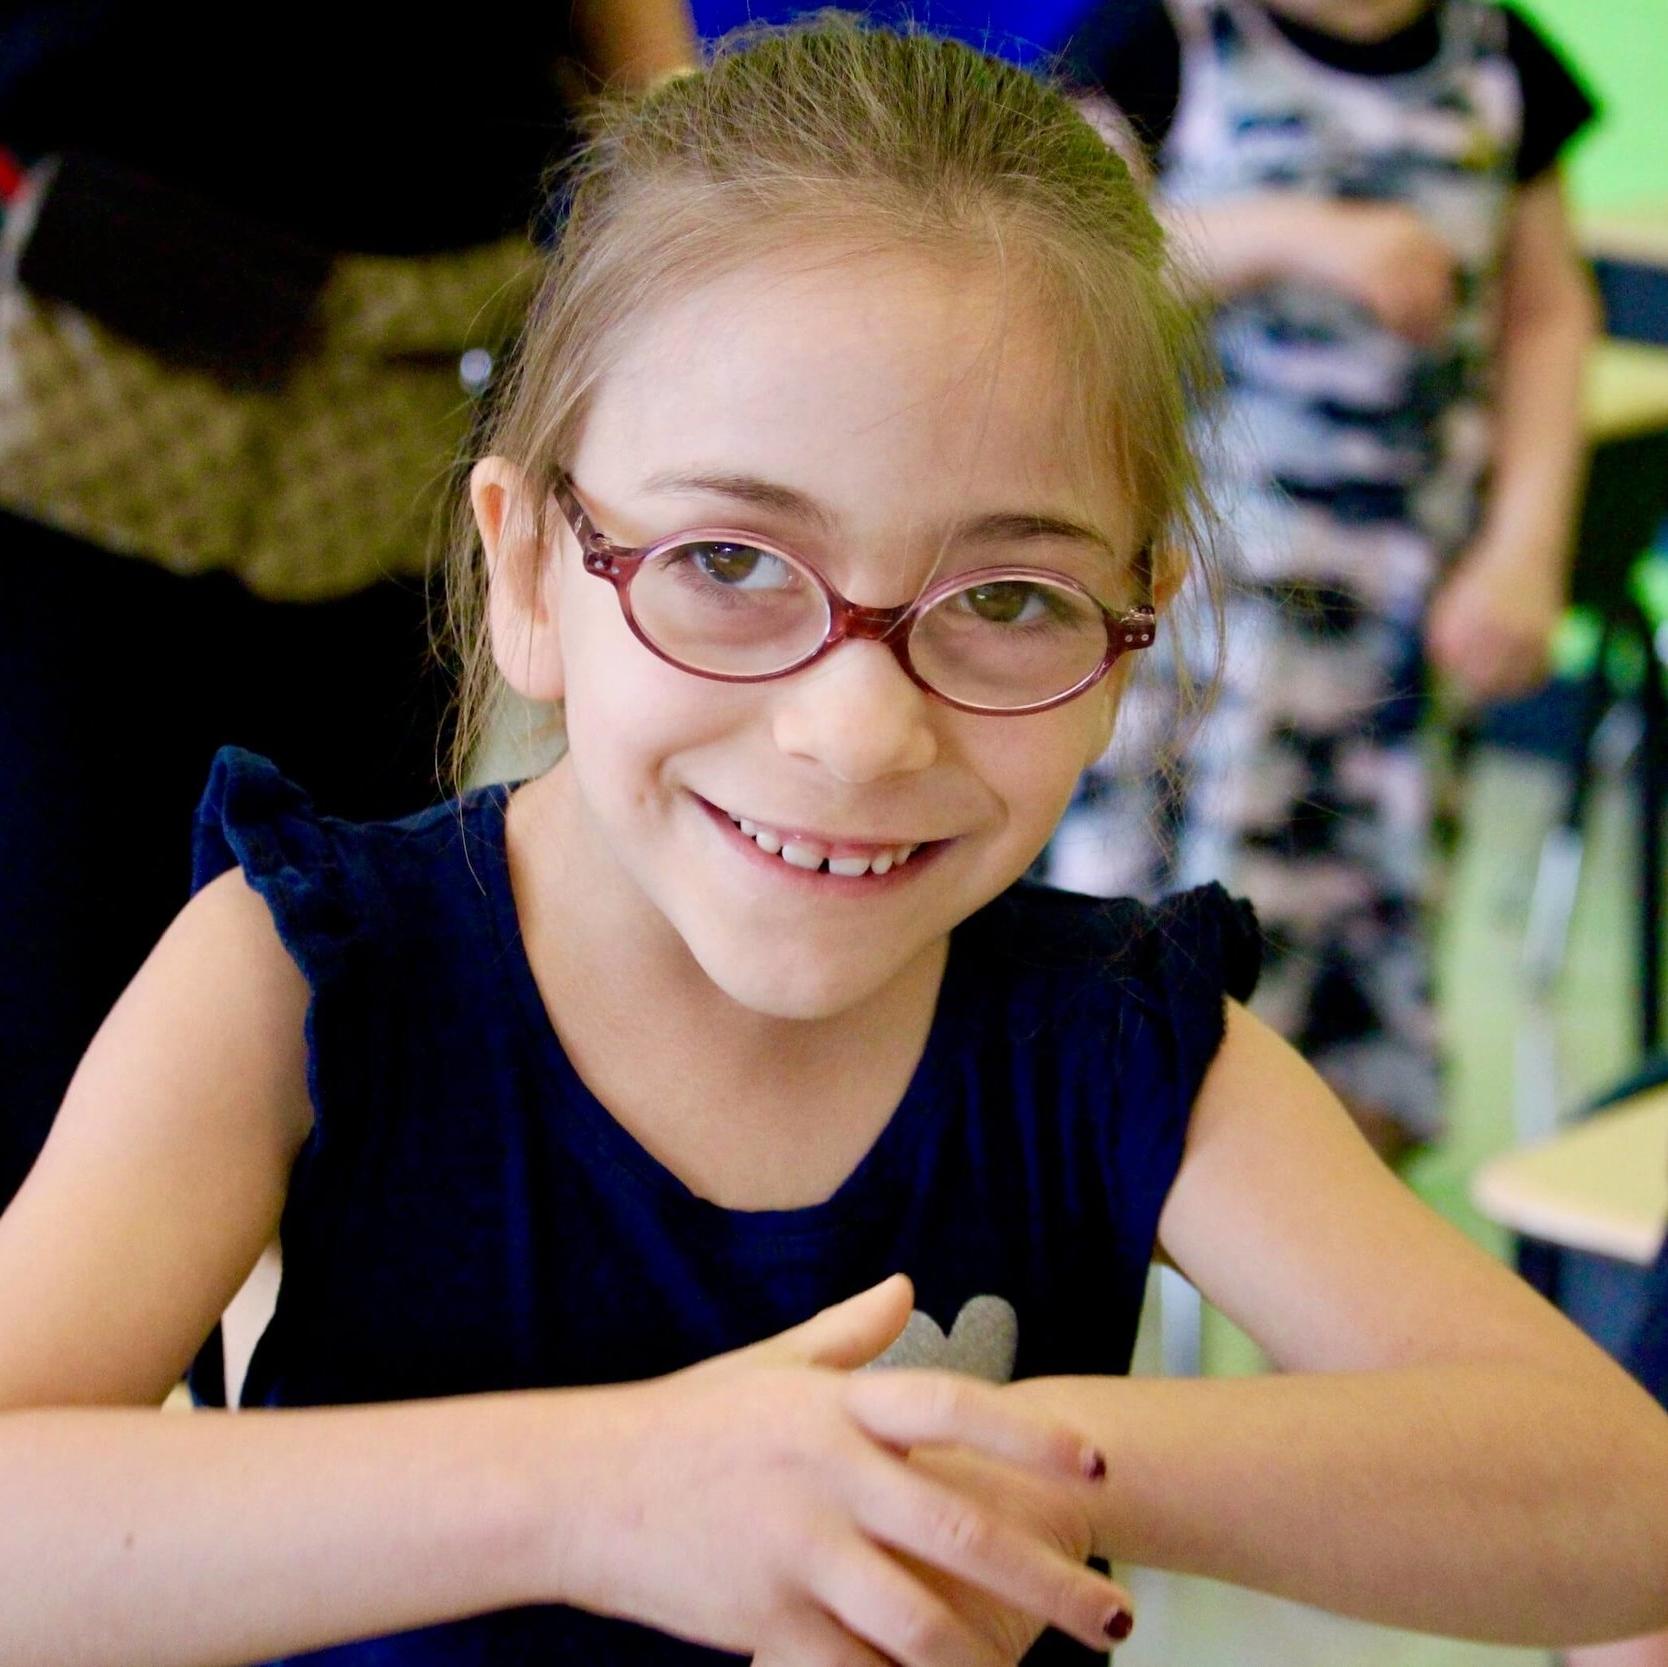 Compétences sociales et personnelles - Nos enfants âgés de 5 à 8 ans et de 9 à 12 ans bénéficient de groupes de 8 semaines.